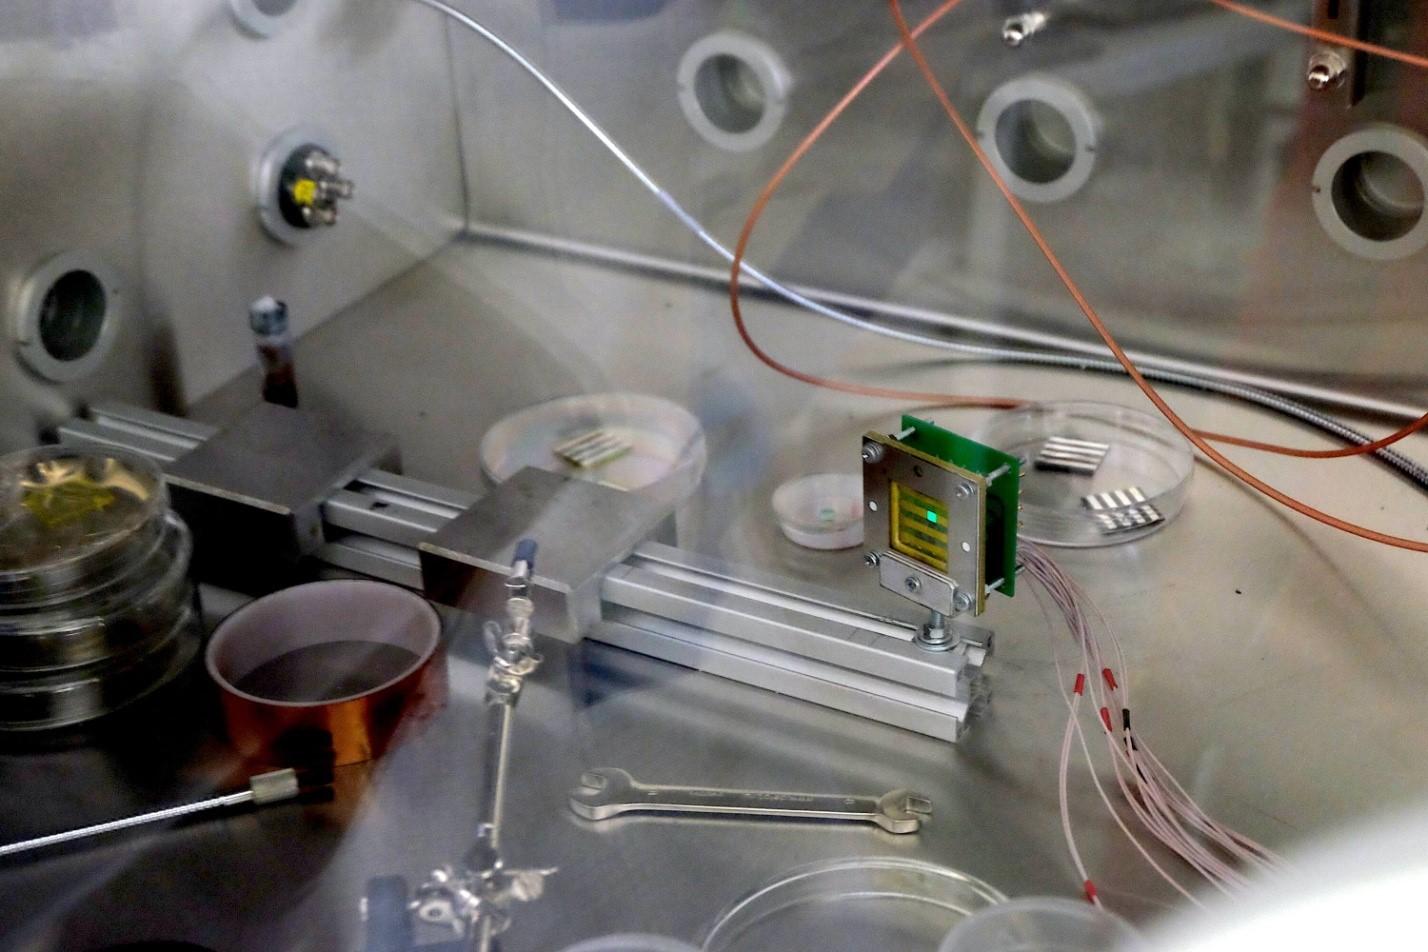 Фотоэкскурсия: что делают в лаборатории гибридной нанофотоники и оптоэлектроники Нового физтеха ИТМО - 17